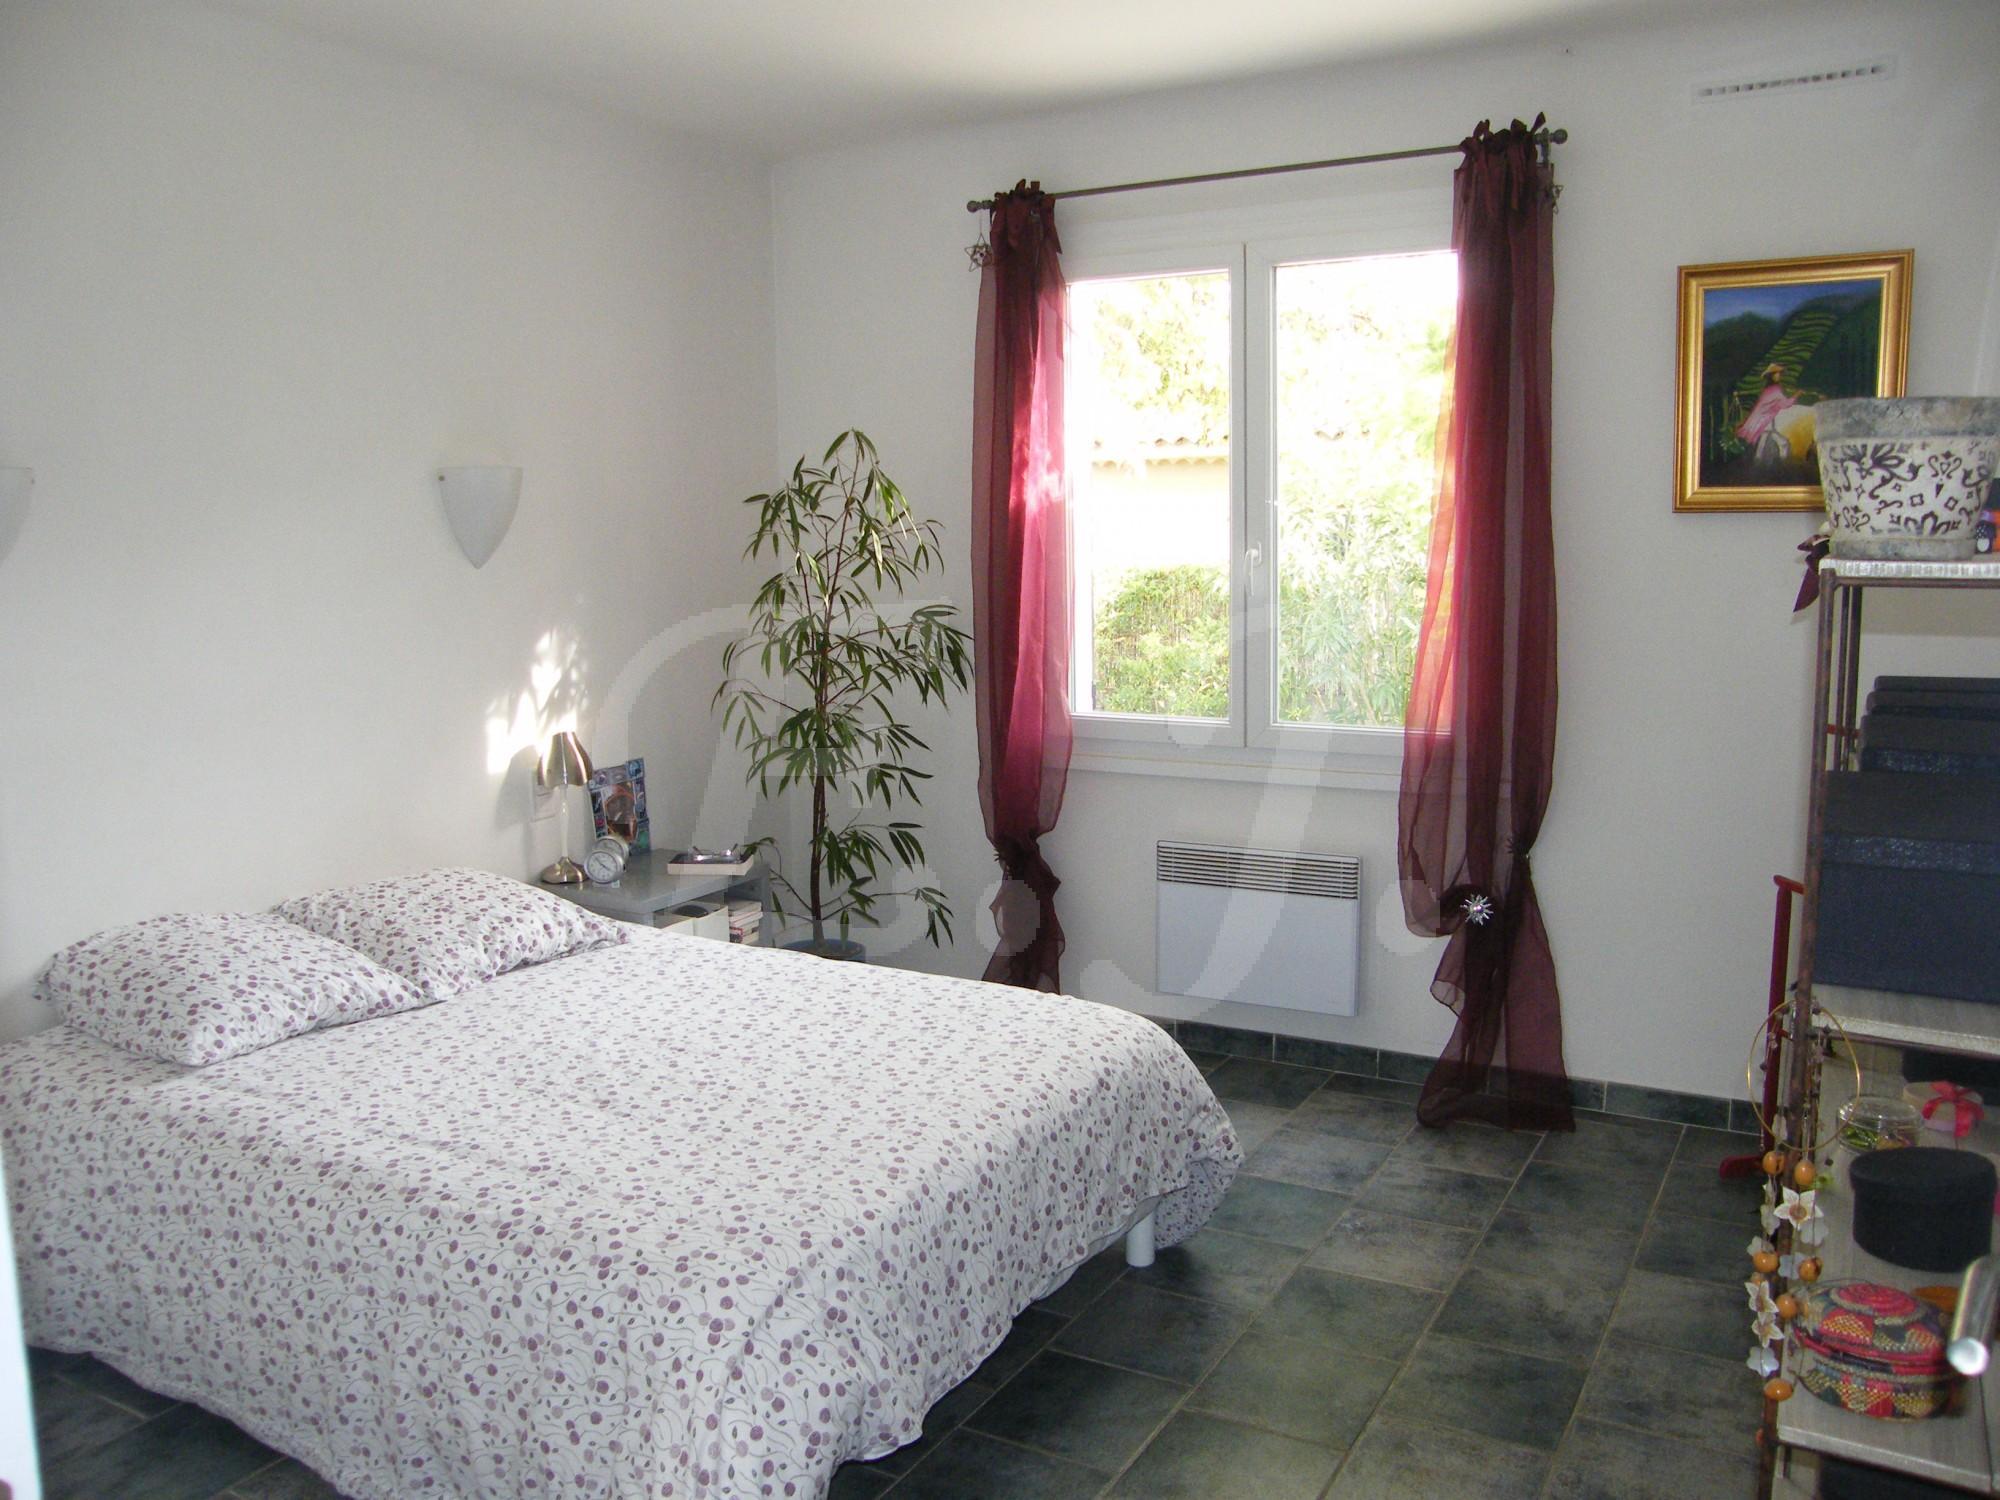 ventes maison t3 f3 le thor lumineuse avec d pendances jardin maison et villa vendre vers. Black Bedroom Furniture Sets. Home Design Ideas